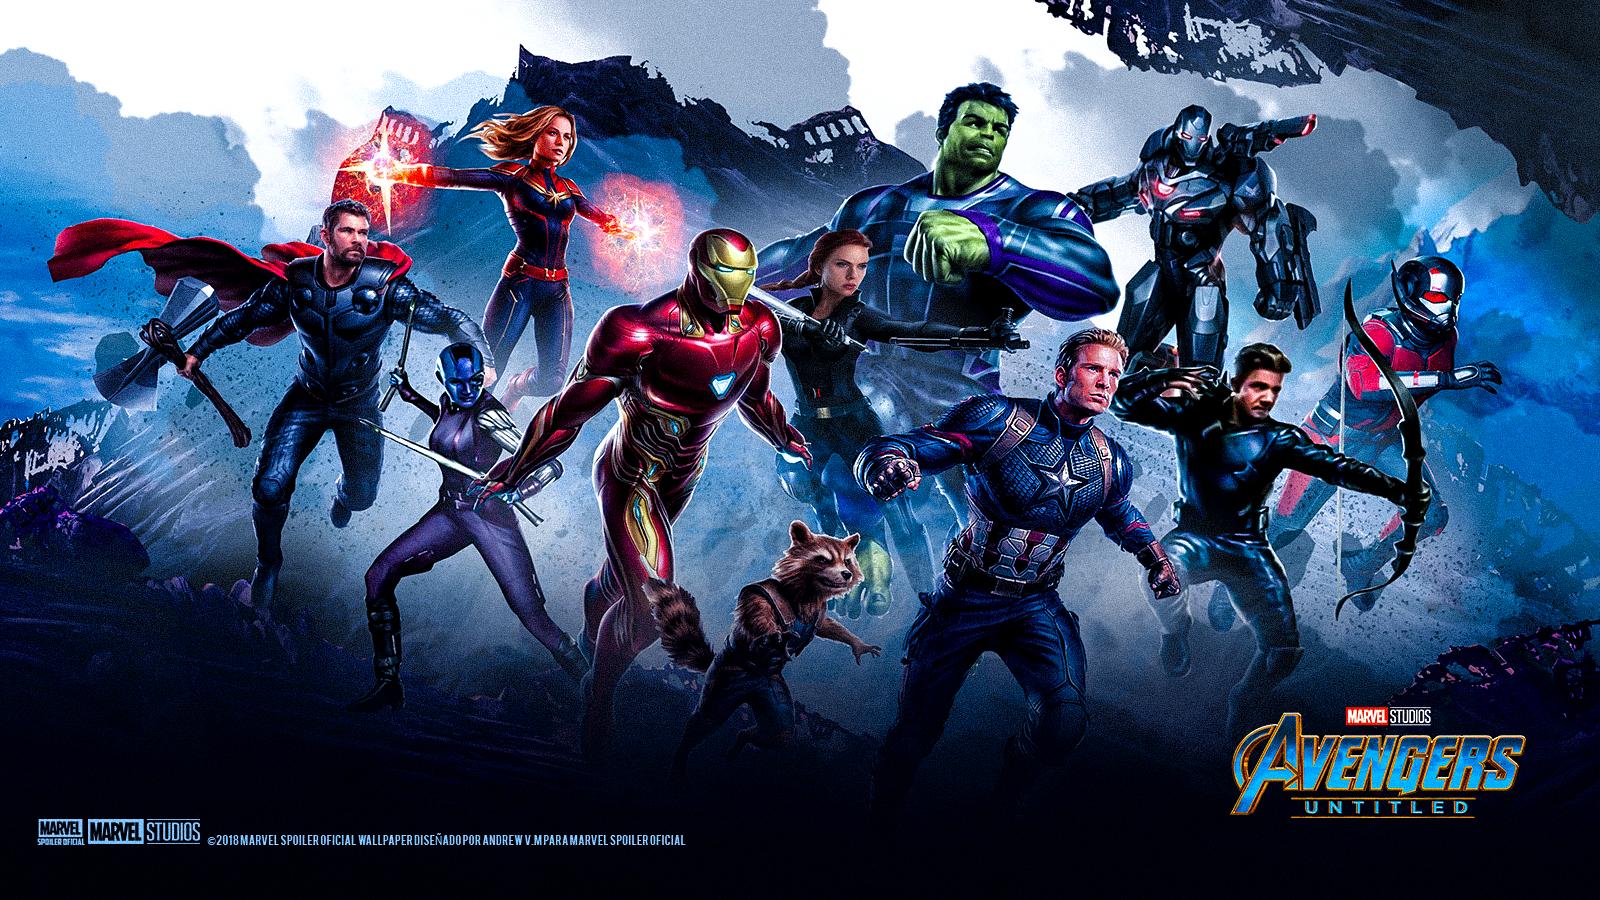 Avengers Endgame Wallpaper Hd Movie Stream 4k Online